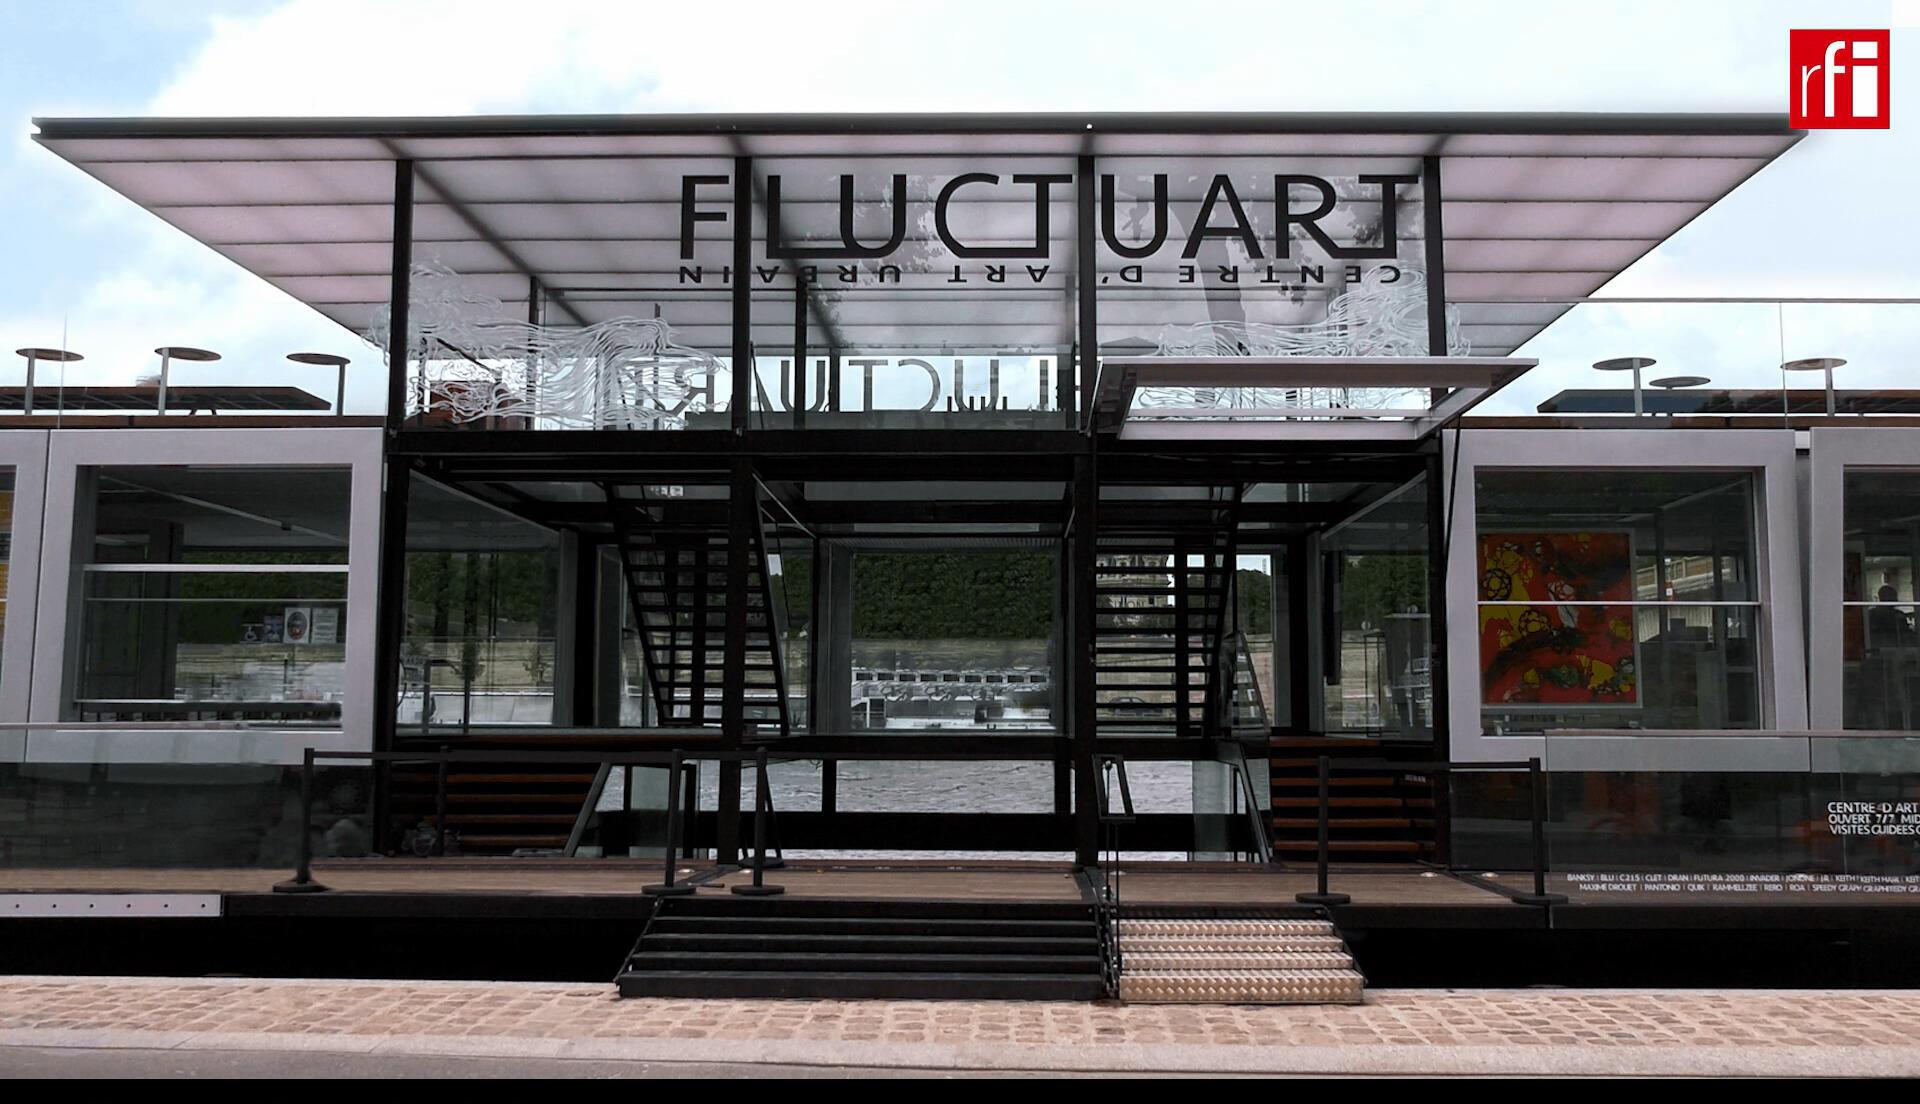 Fluctuart se encuentra al pie de Puente de los Inválidos, sobre el río Sena.